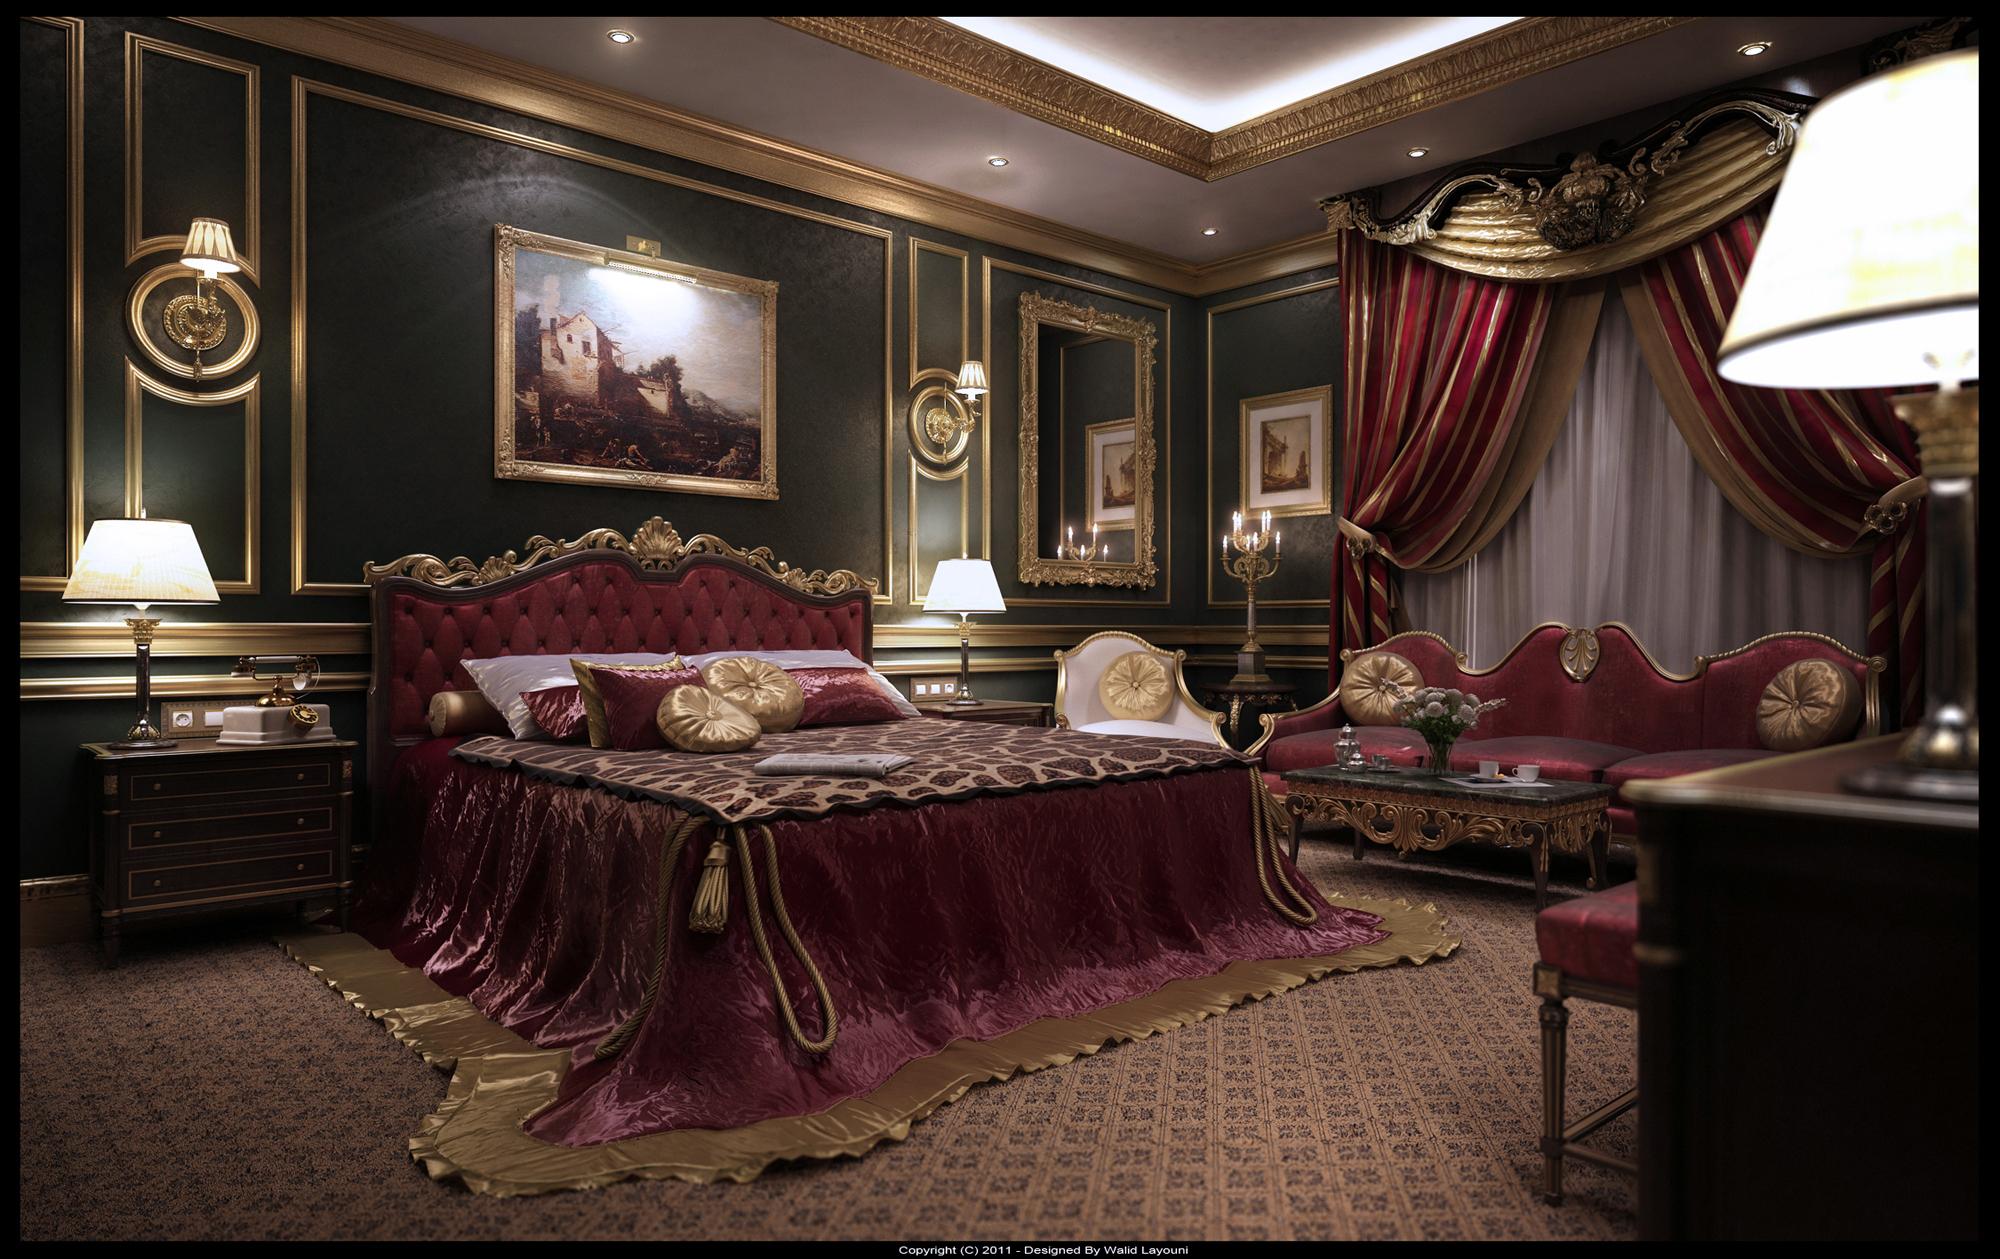 Nội thất lâu đài cổ điển, với phong cách hoàng gia châu âu